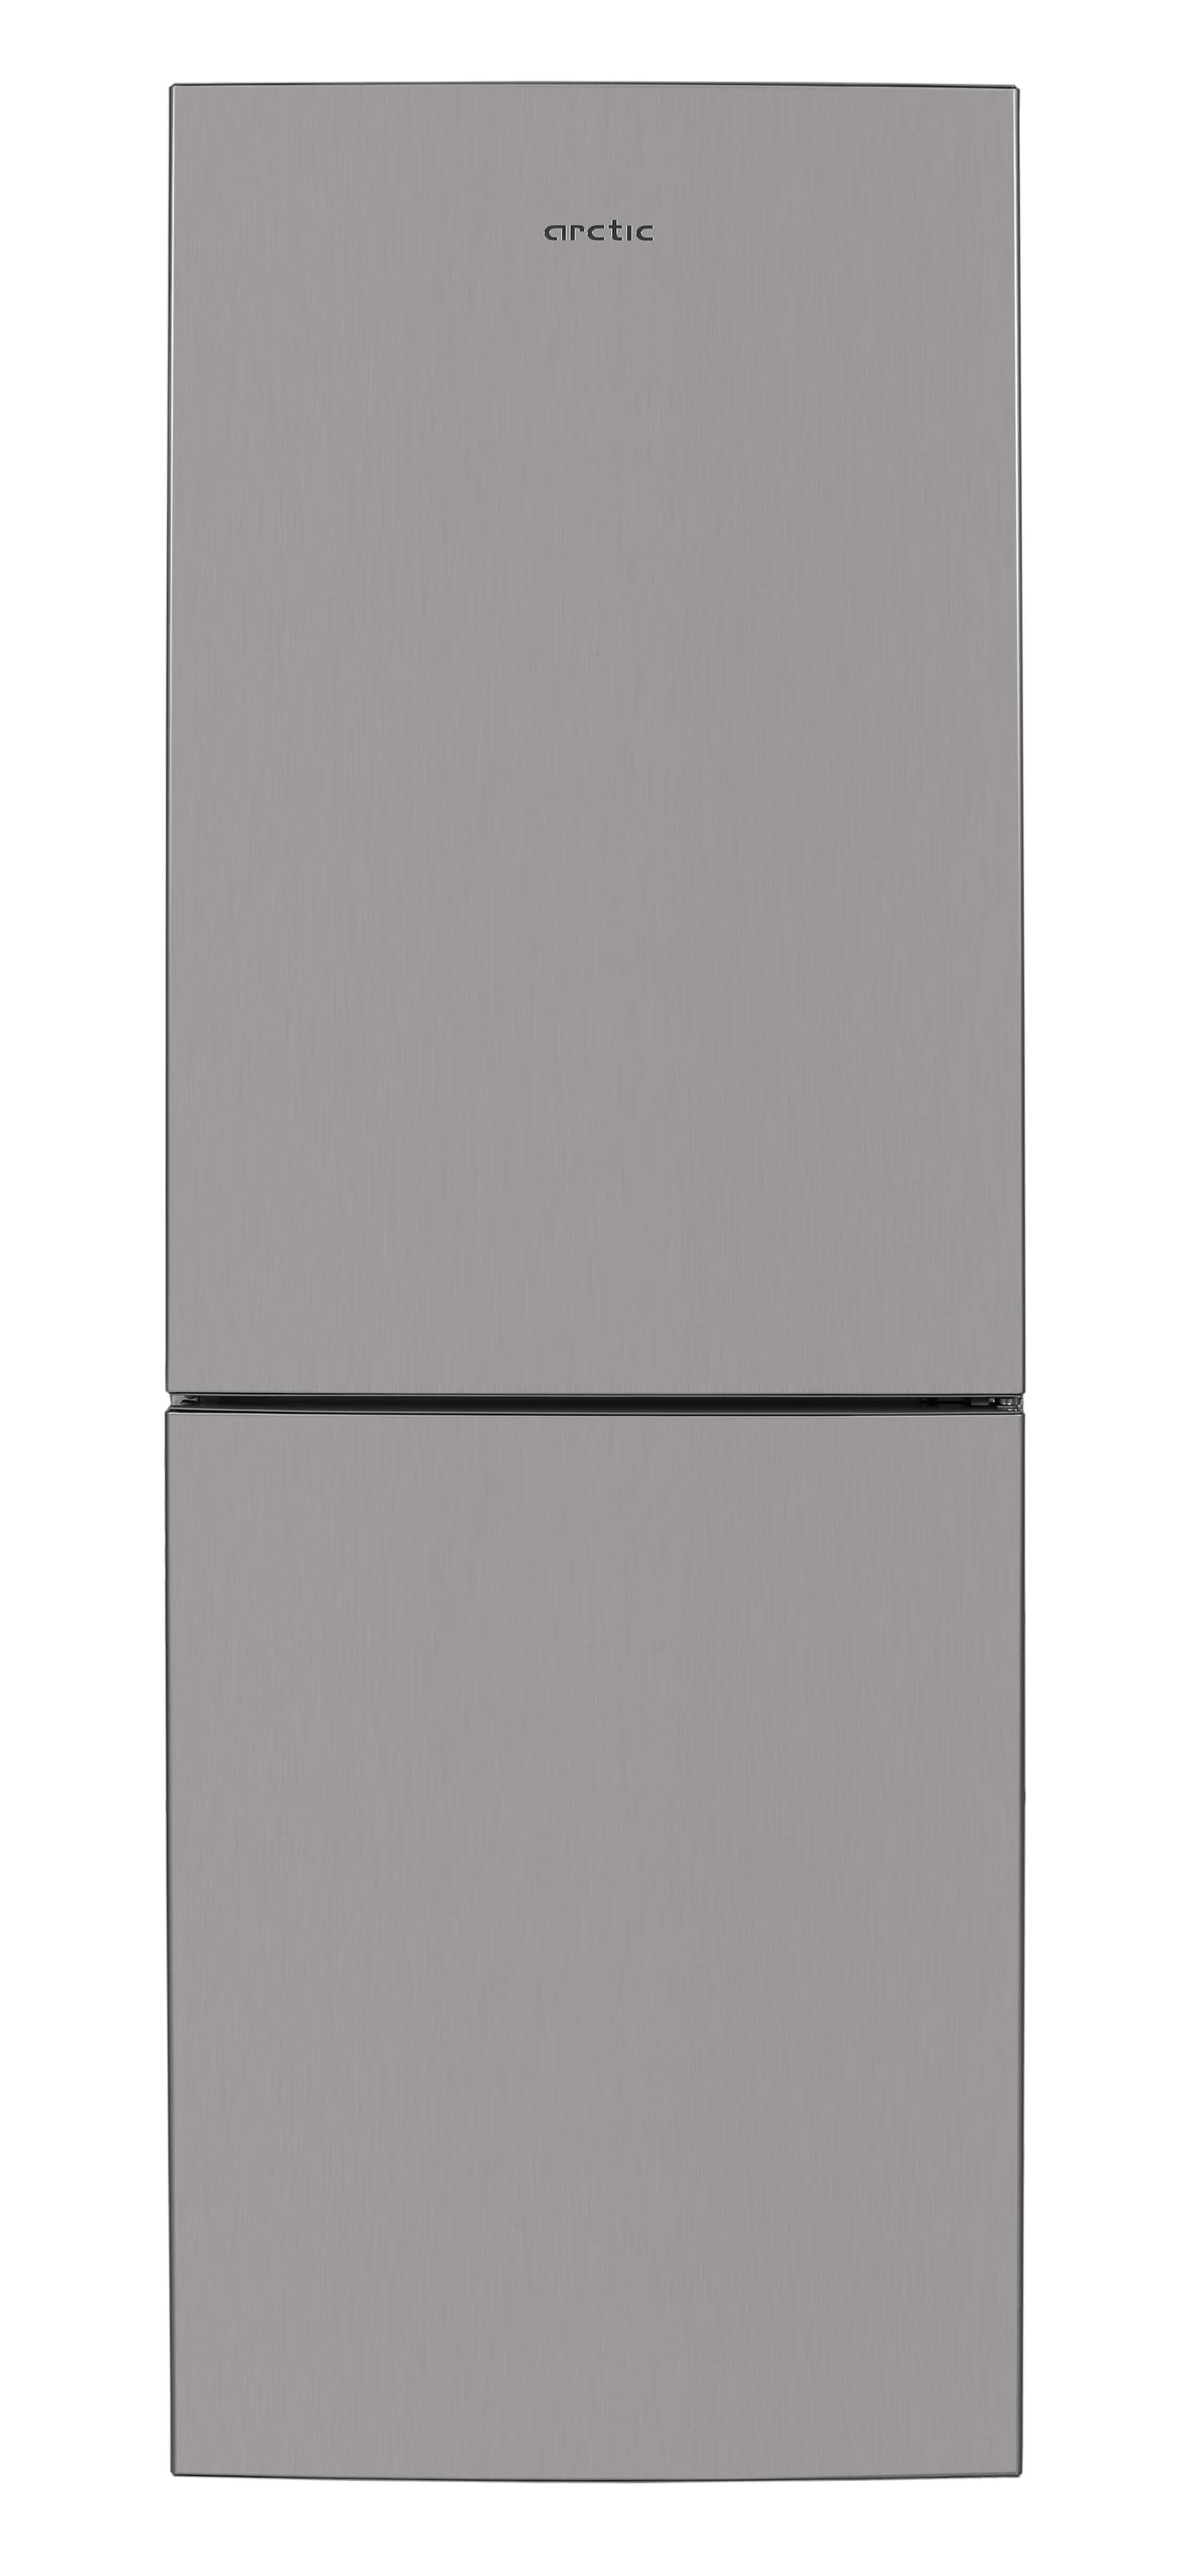 Combina frigorifica, Arctic, AK60340NFMT+, 324 l, Clasa A+, H 175.4 cm, Metal Look